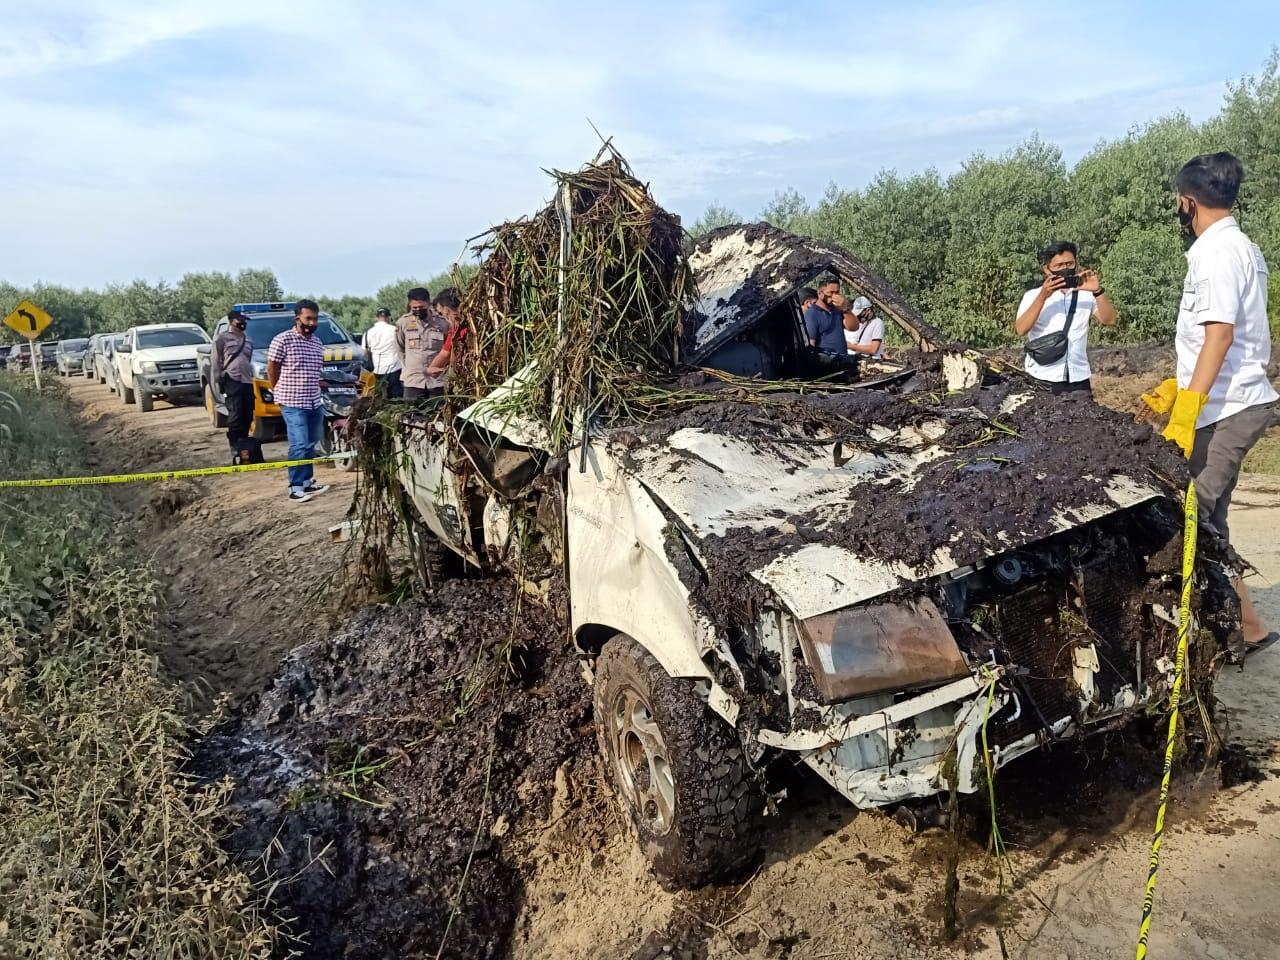 BREAKING NEWS !! Mobil dan Tulang Manusia Ditemukan dalam Kanal